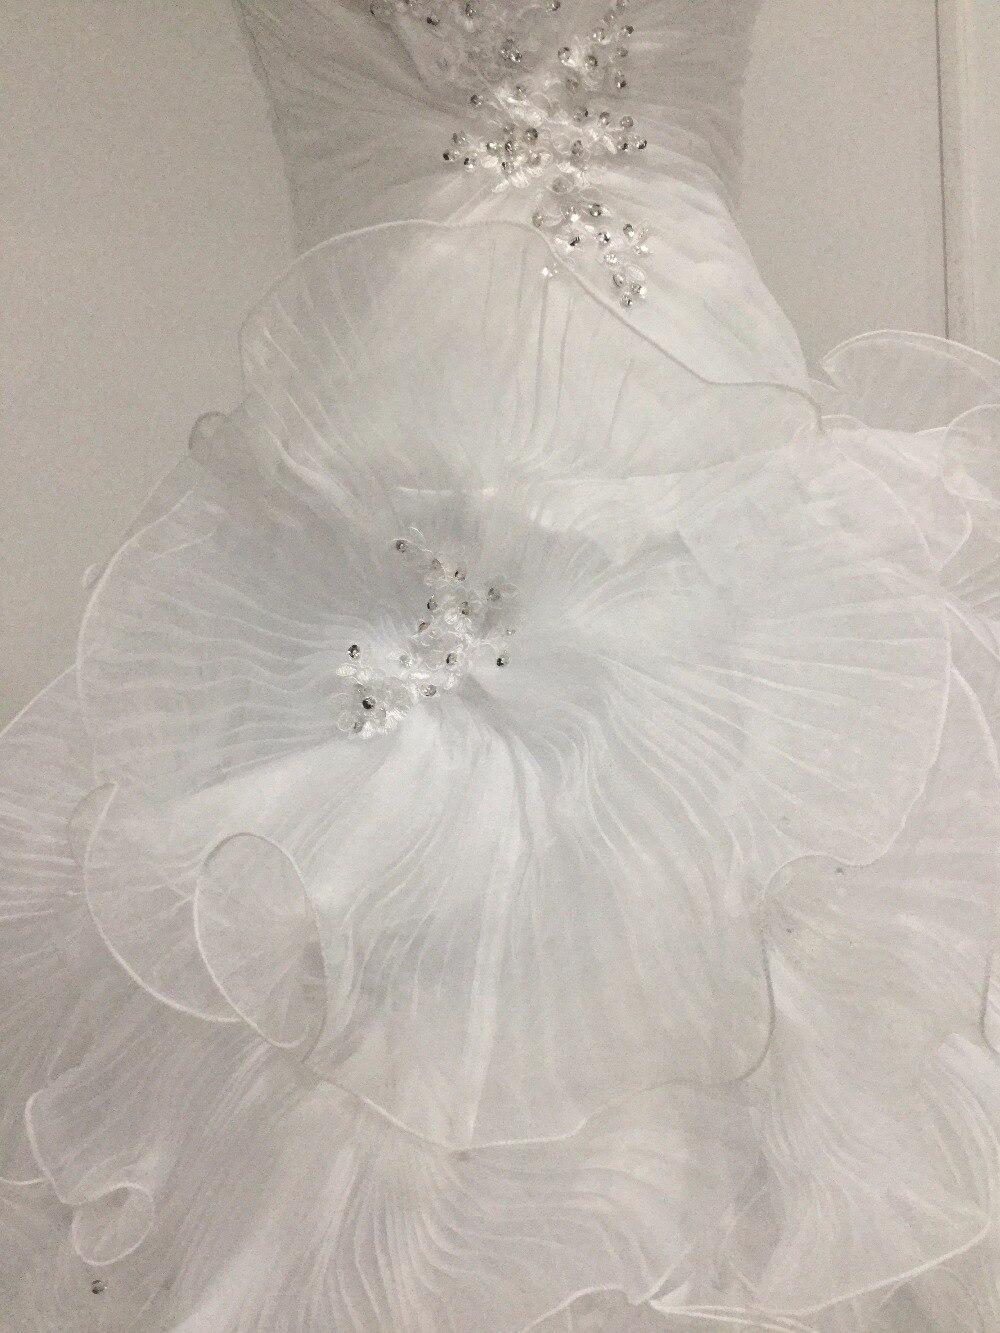 Senza spalline Una Linea pieghe increspature big floreale fogli organza  bianco abito da sposa con applicazioni di perline abito da sposa in Senza  spalline ... 31fef79ec74